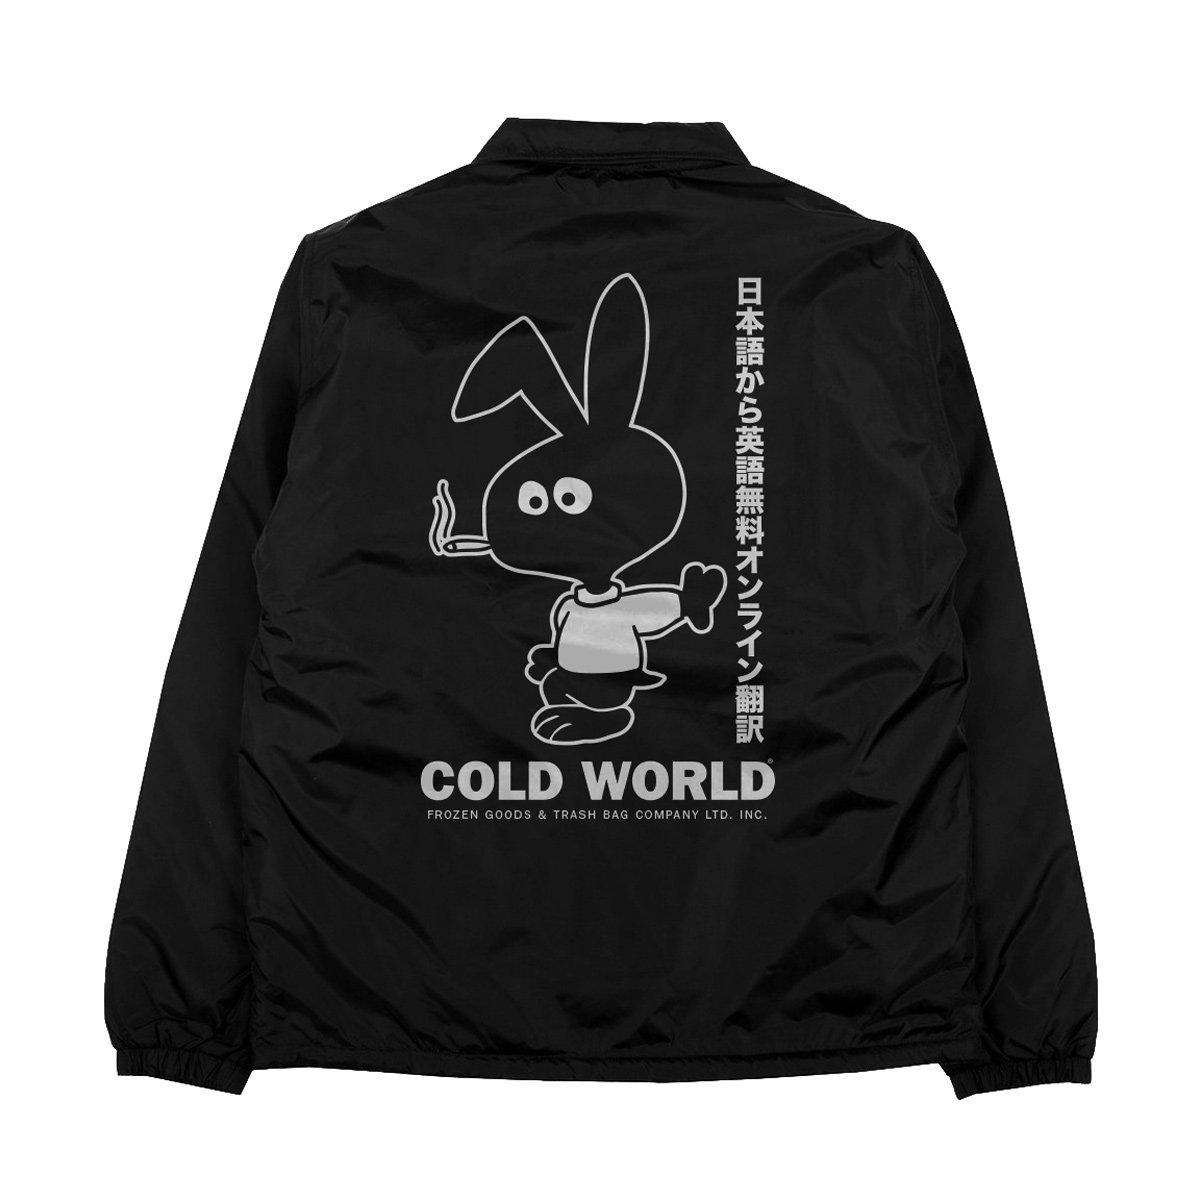 【COLD WORLD FROZEN GOODS/コールドワールドフローズングッズ】COLD BUNNY TRASH BAG COACH JACKET コーチジャケット / BLACK